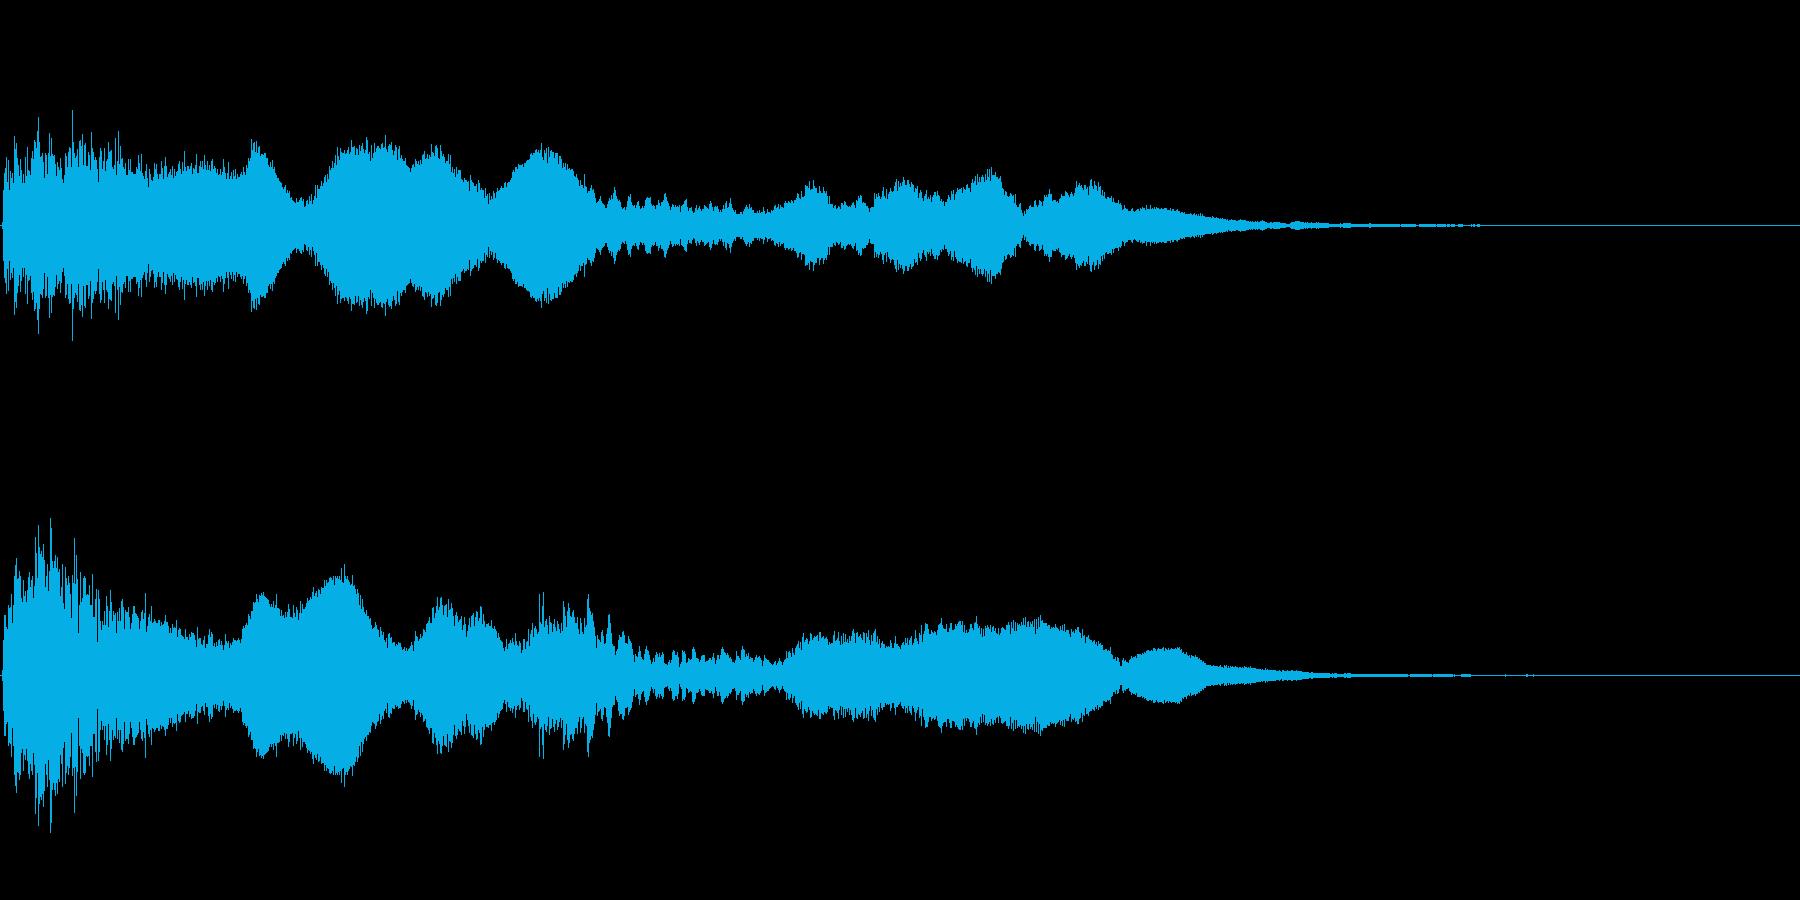 金属系のアイキャッチ・タイトル音の再生済みの波形